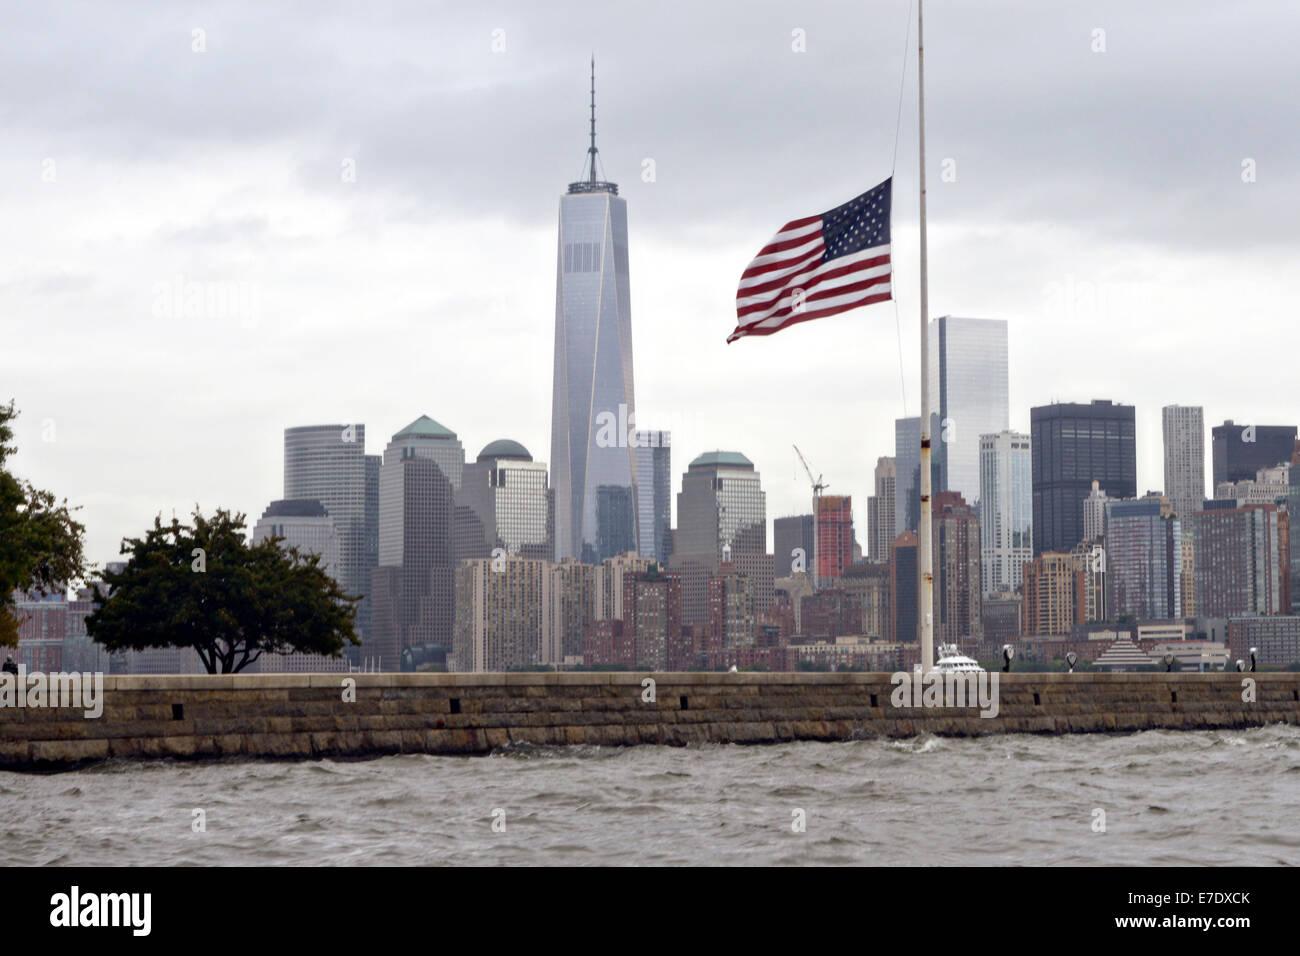 Die amerikanische Flagge auf Halbmast an einem bewölkten Tag mit der Freedom Tower und die Skyline von Manhattan Stockbild